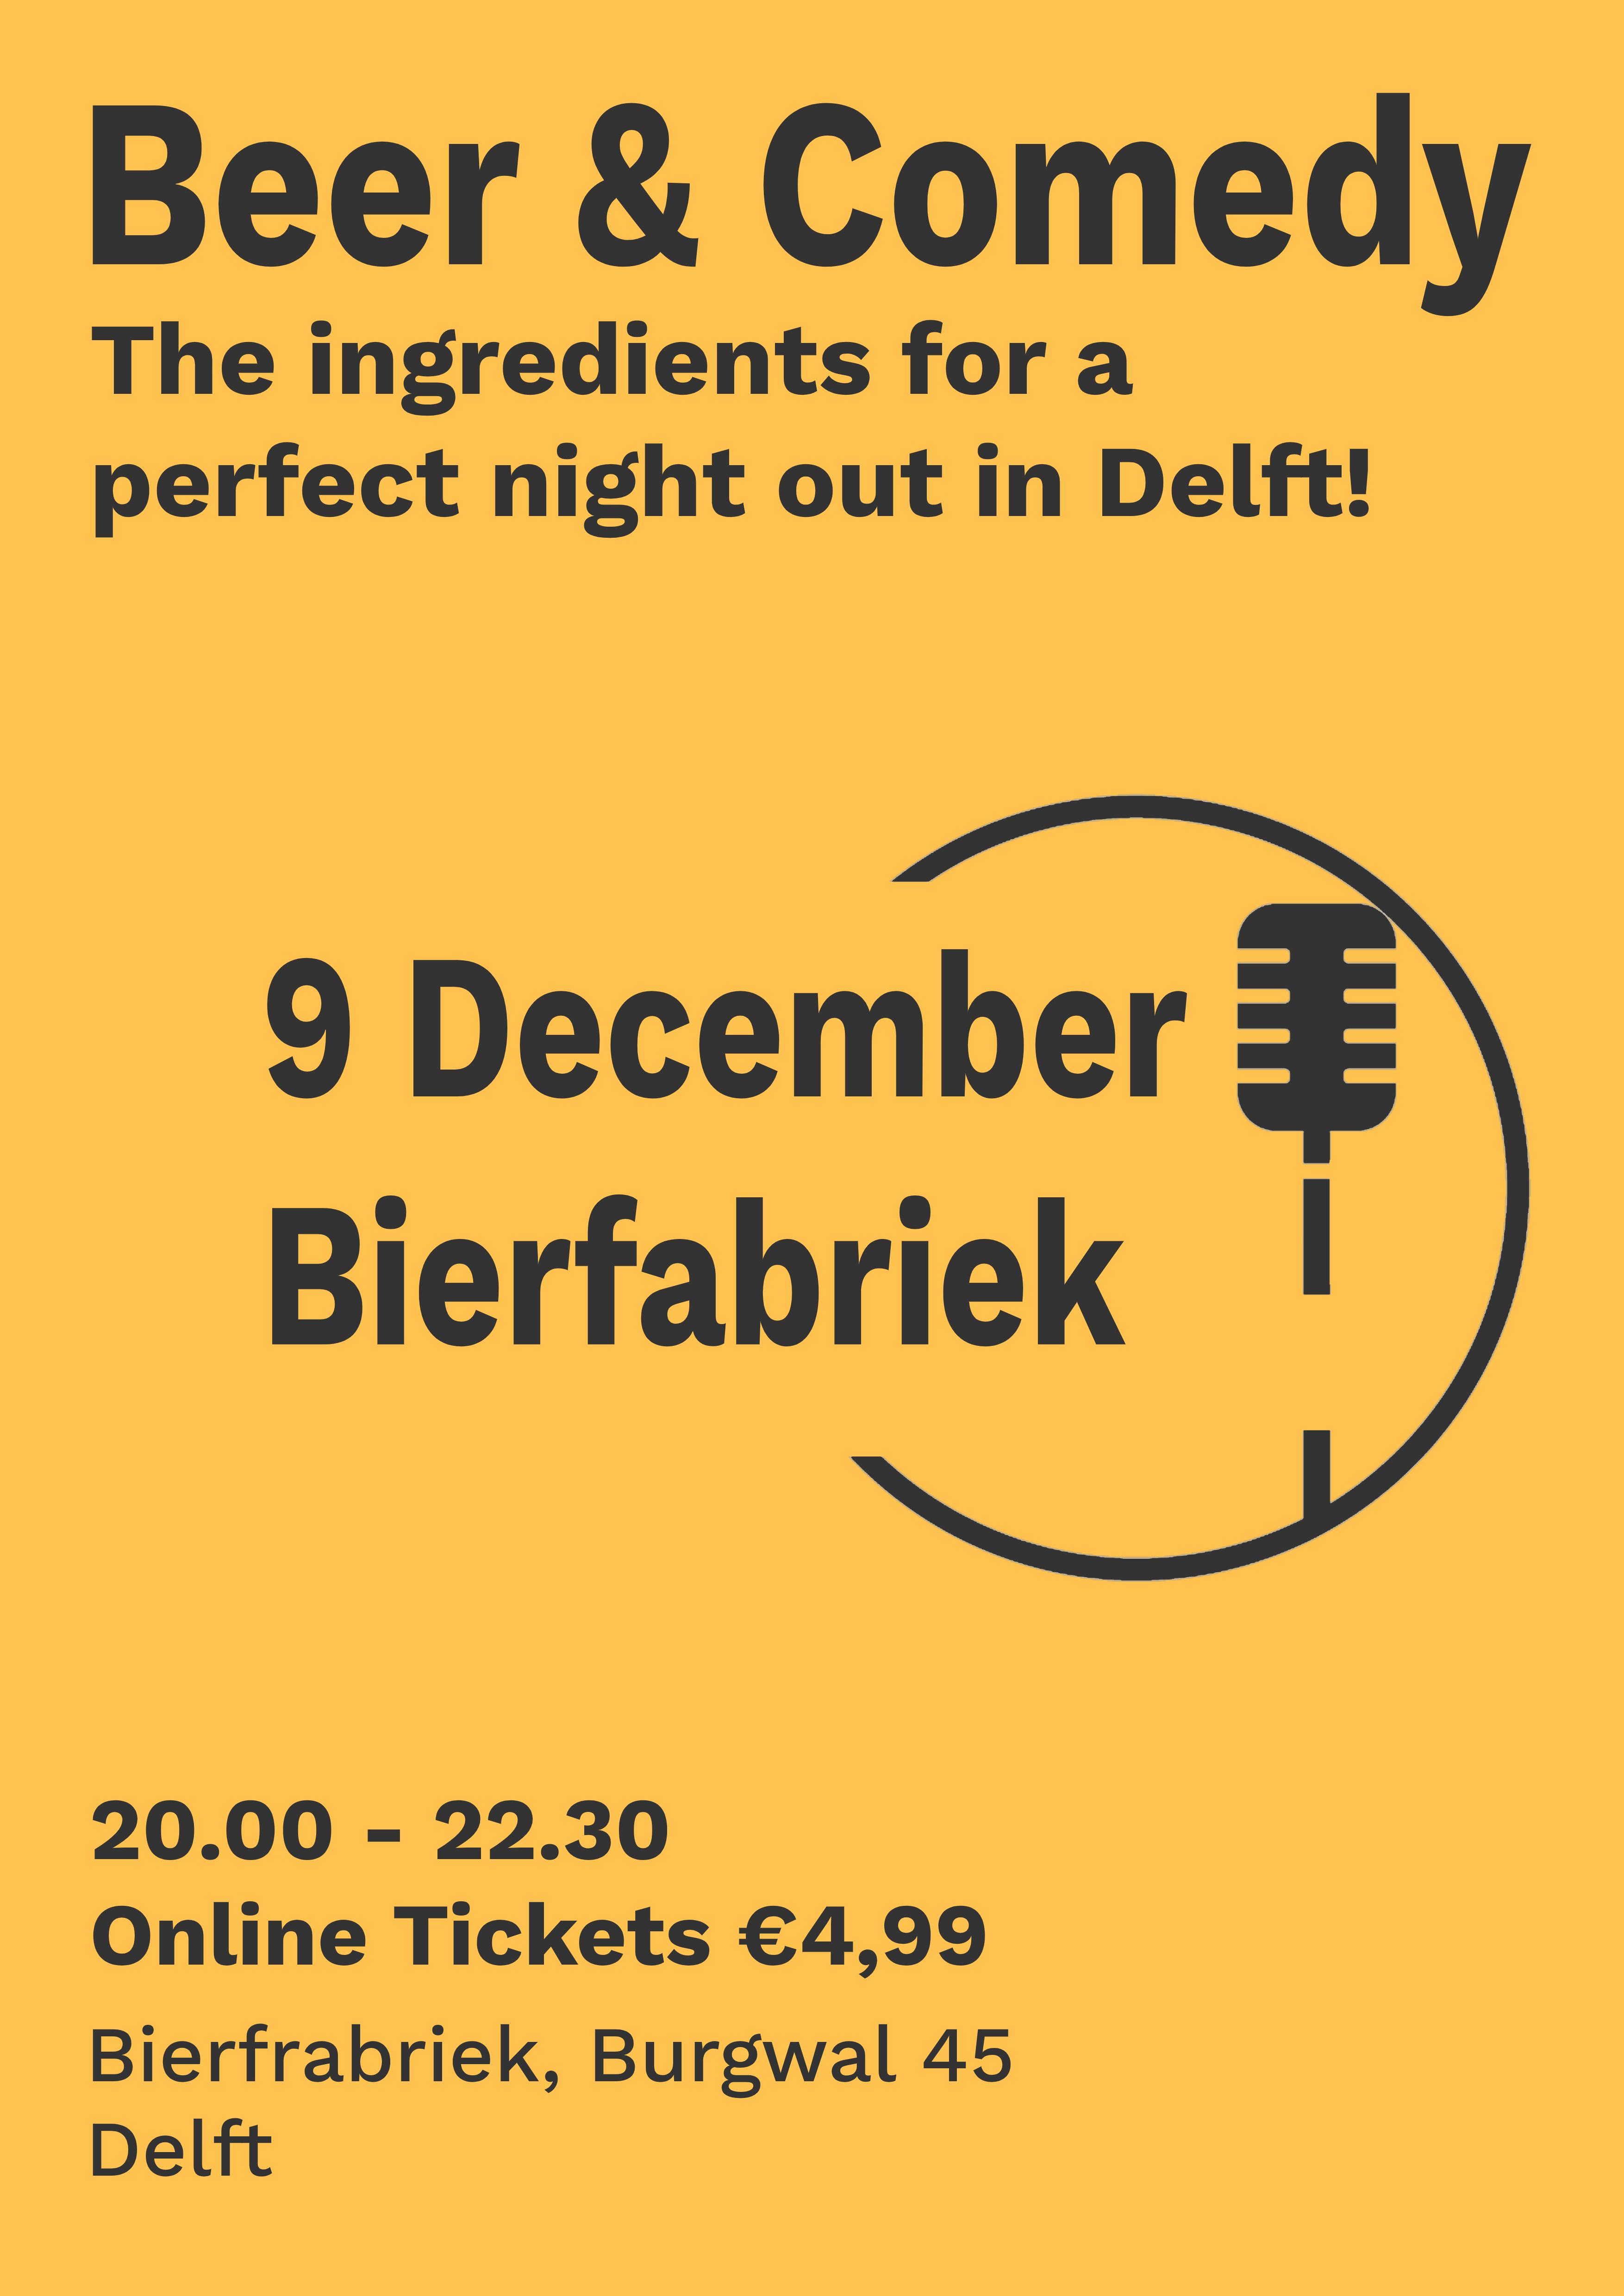 Ticket kopen voor evenement Beer & Comedy